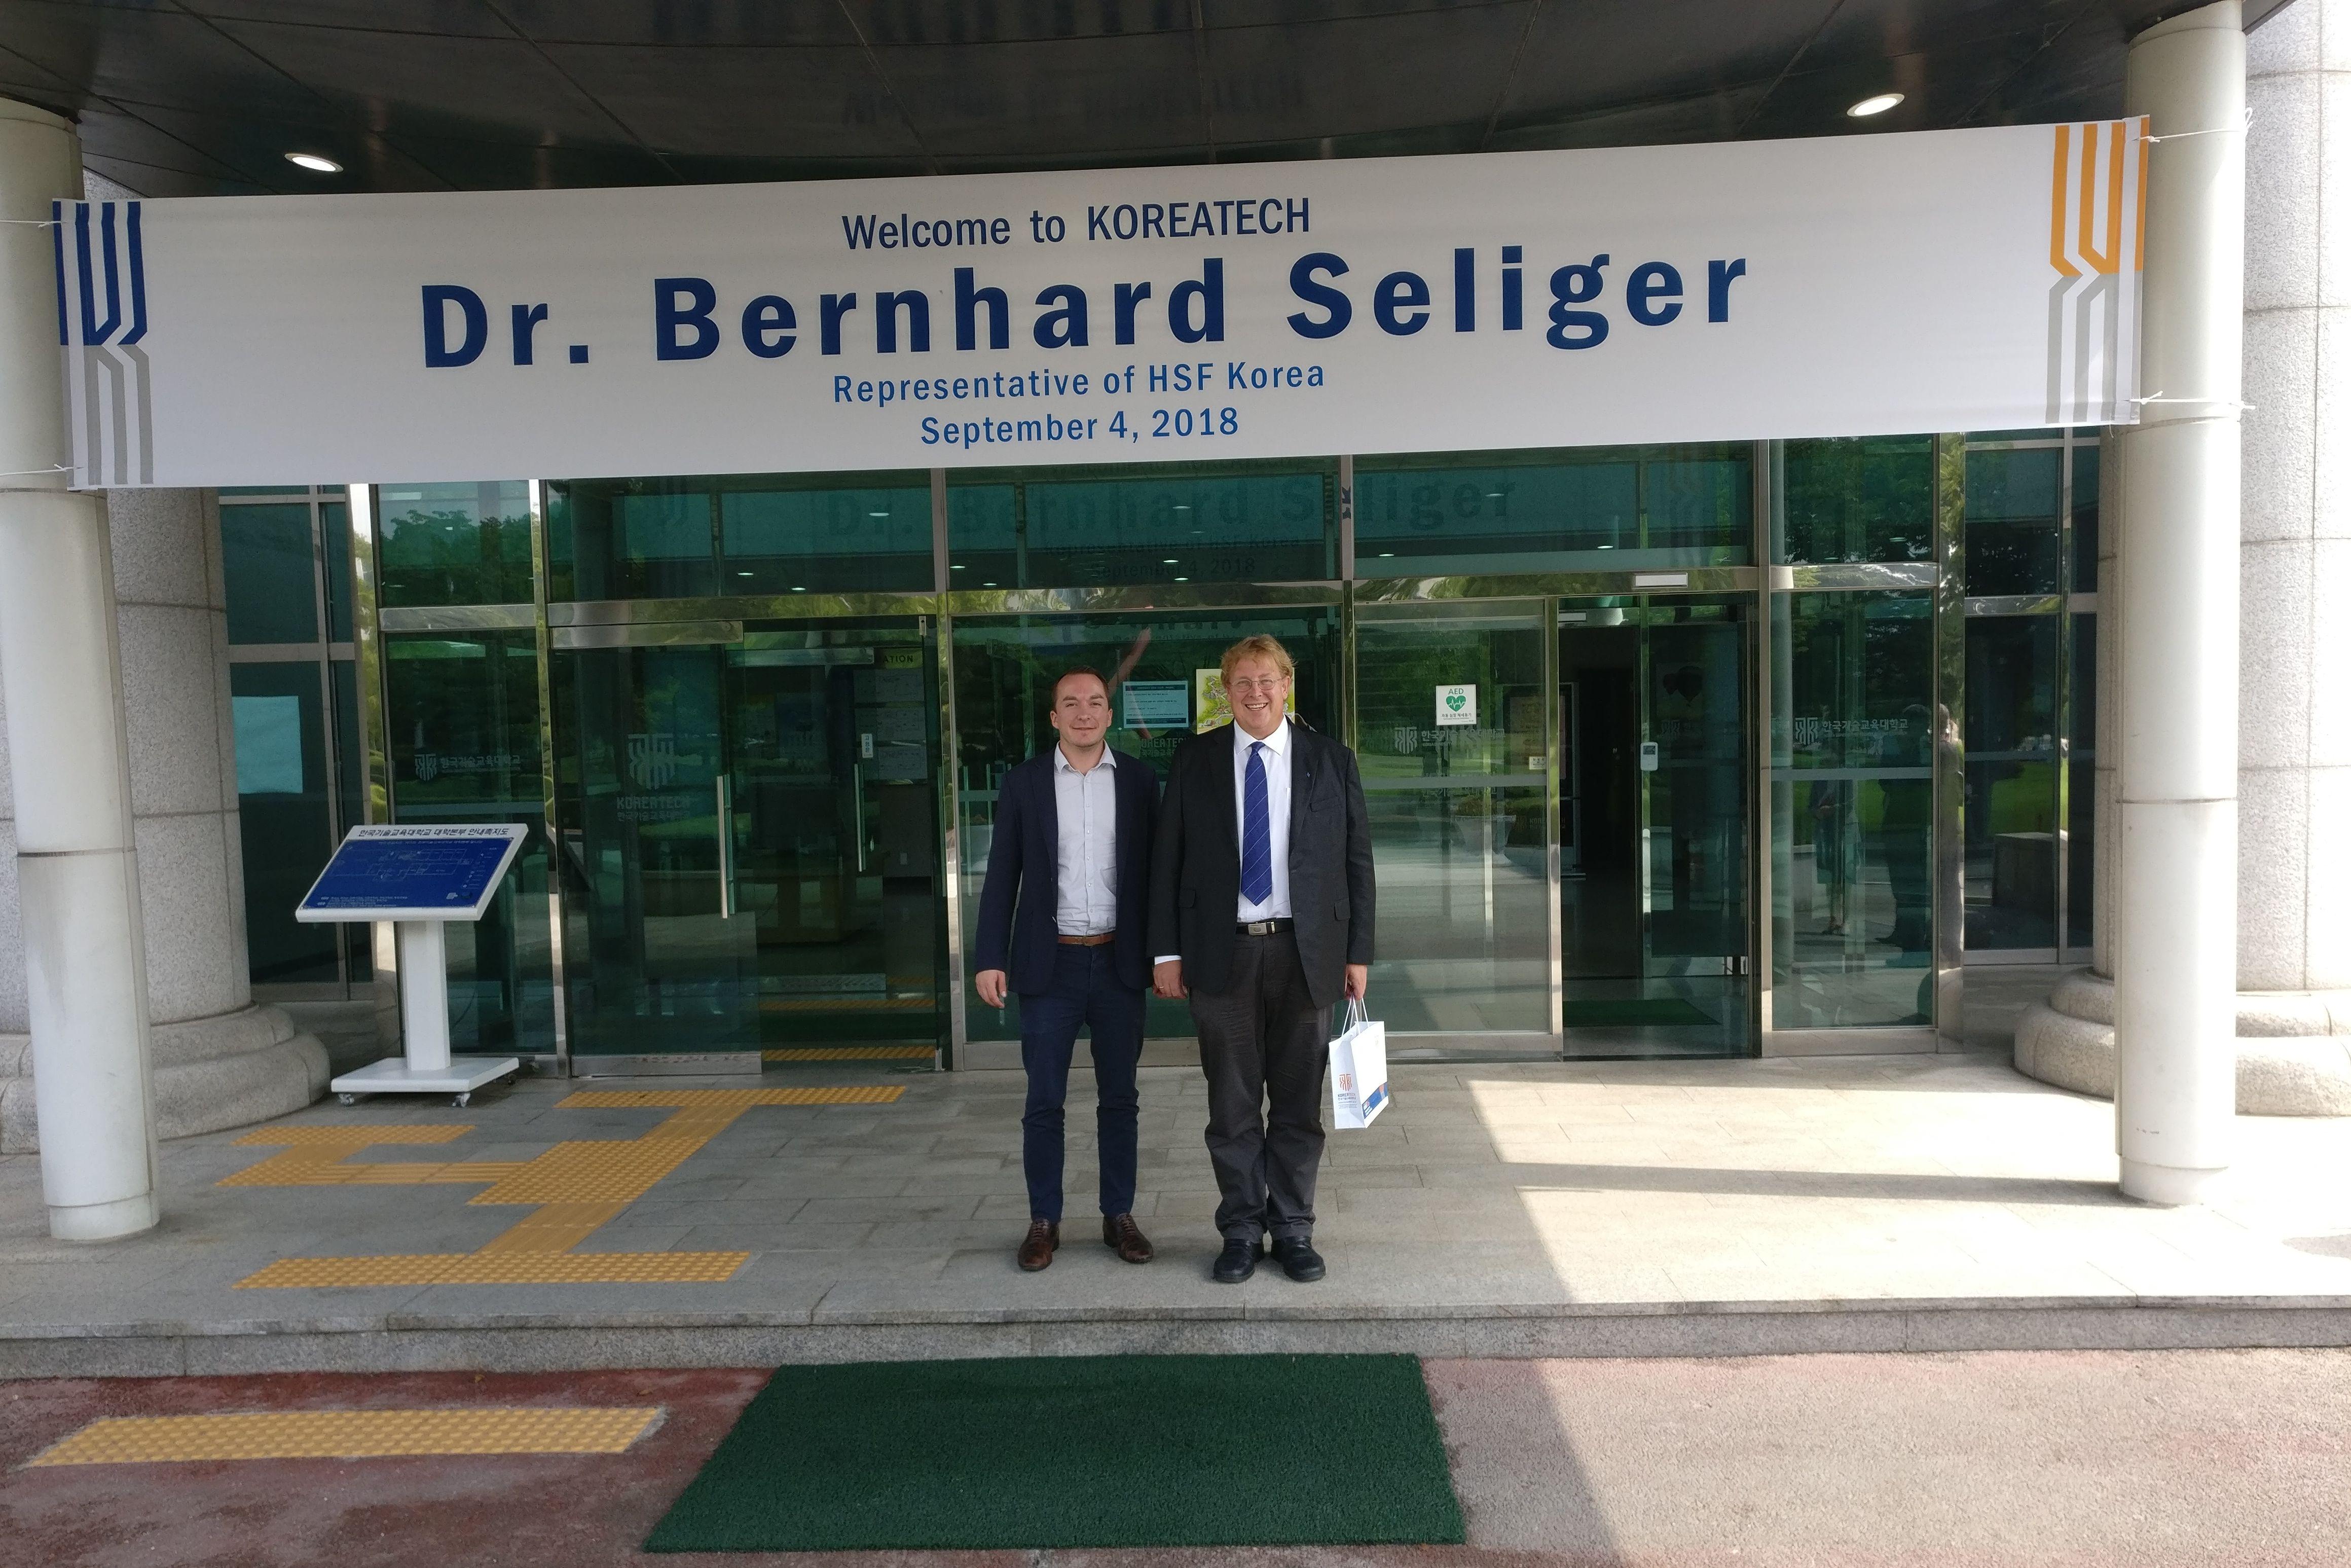 Dr. Bernhard Seliger, der Vertreter der HSS Korea und Felix Glenk, Projektleiter für DPR Korea, wurden bei KoreaTech begrüßt.